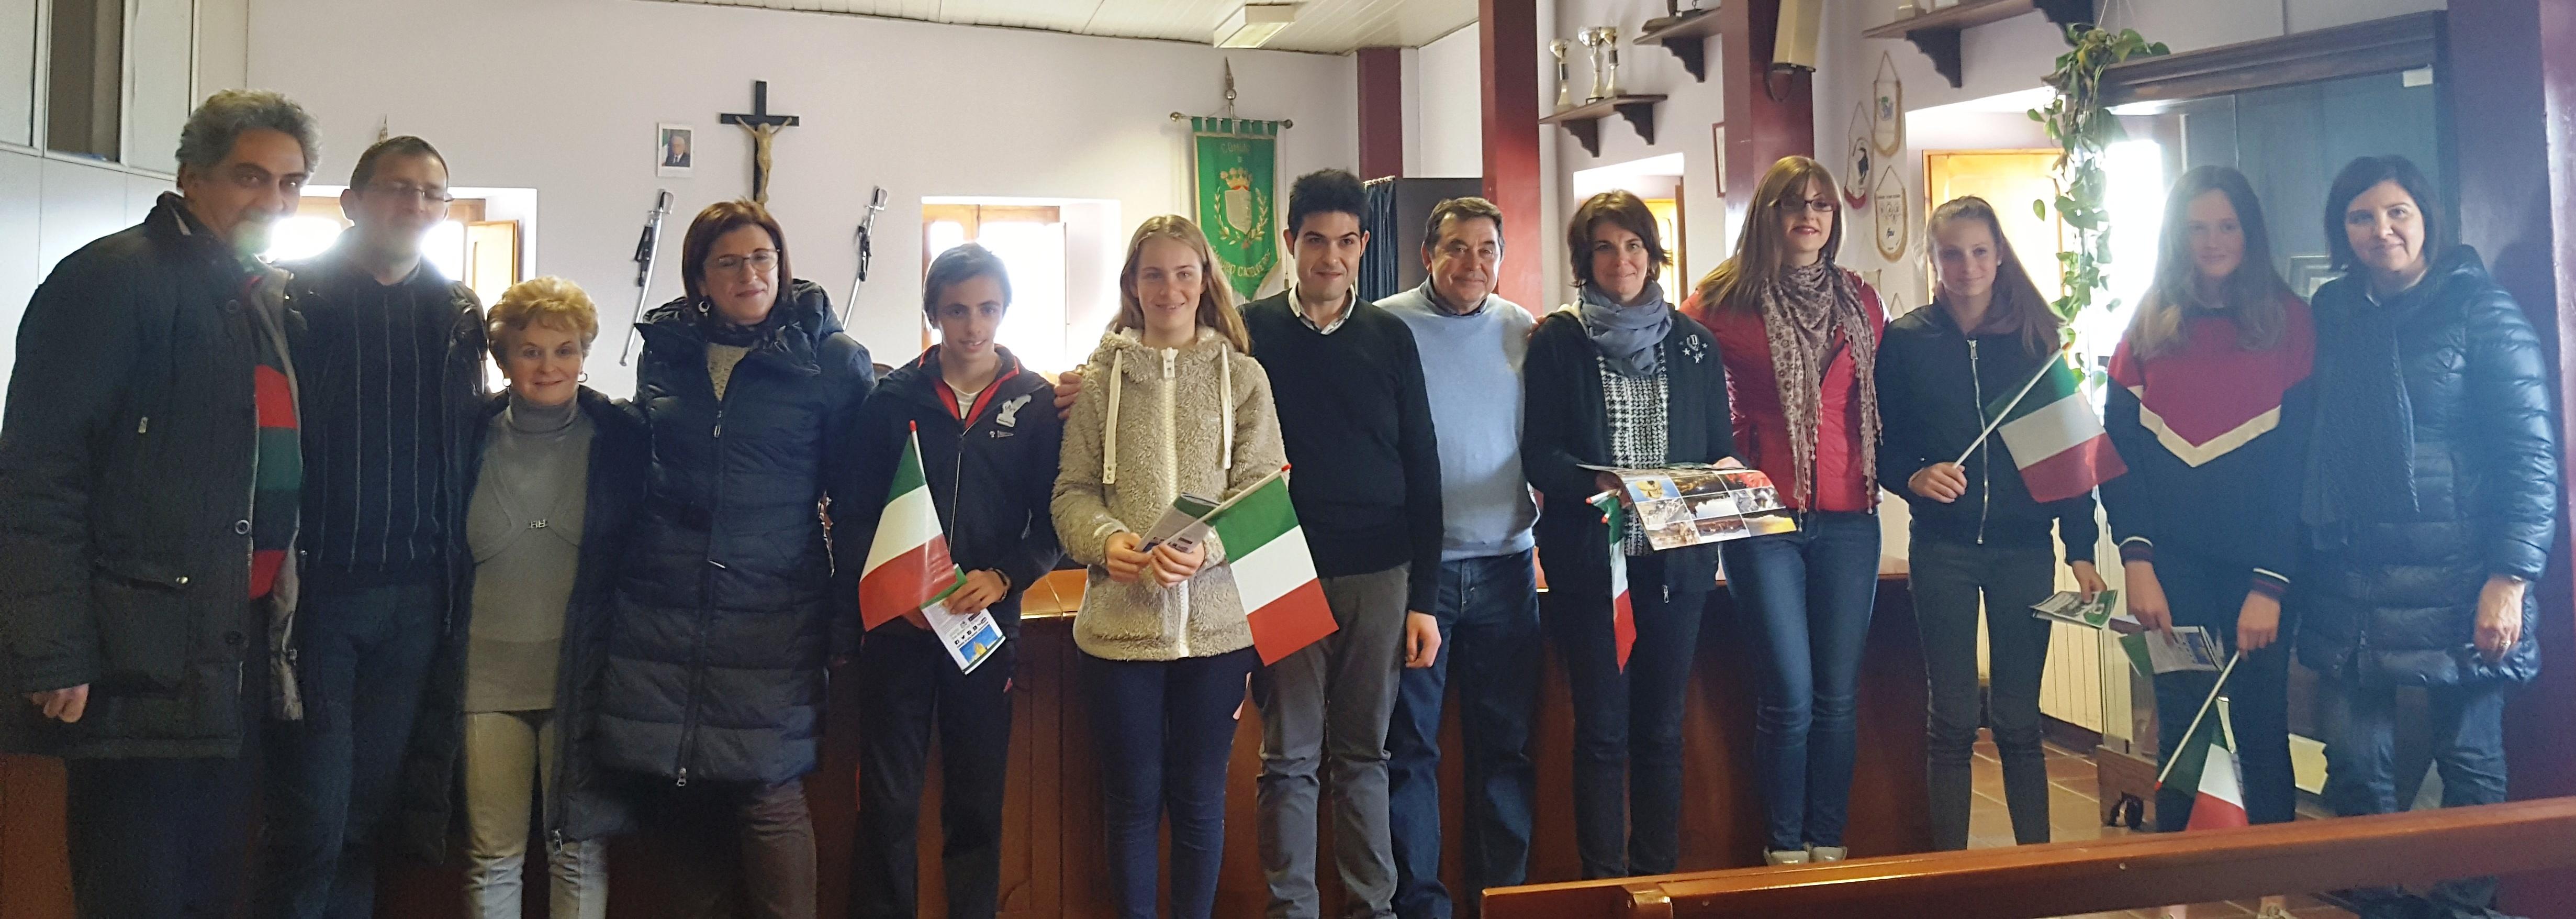 Eramus a San Mauro: studenti francesi accolti al Comune